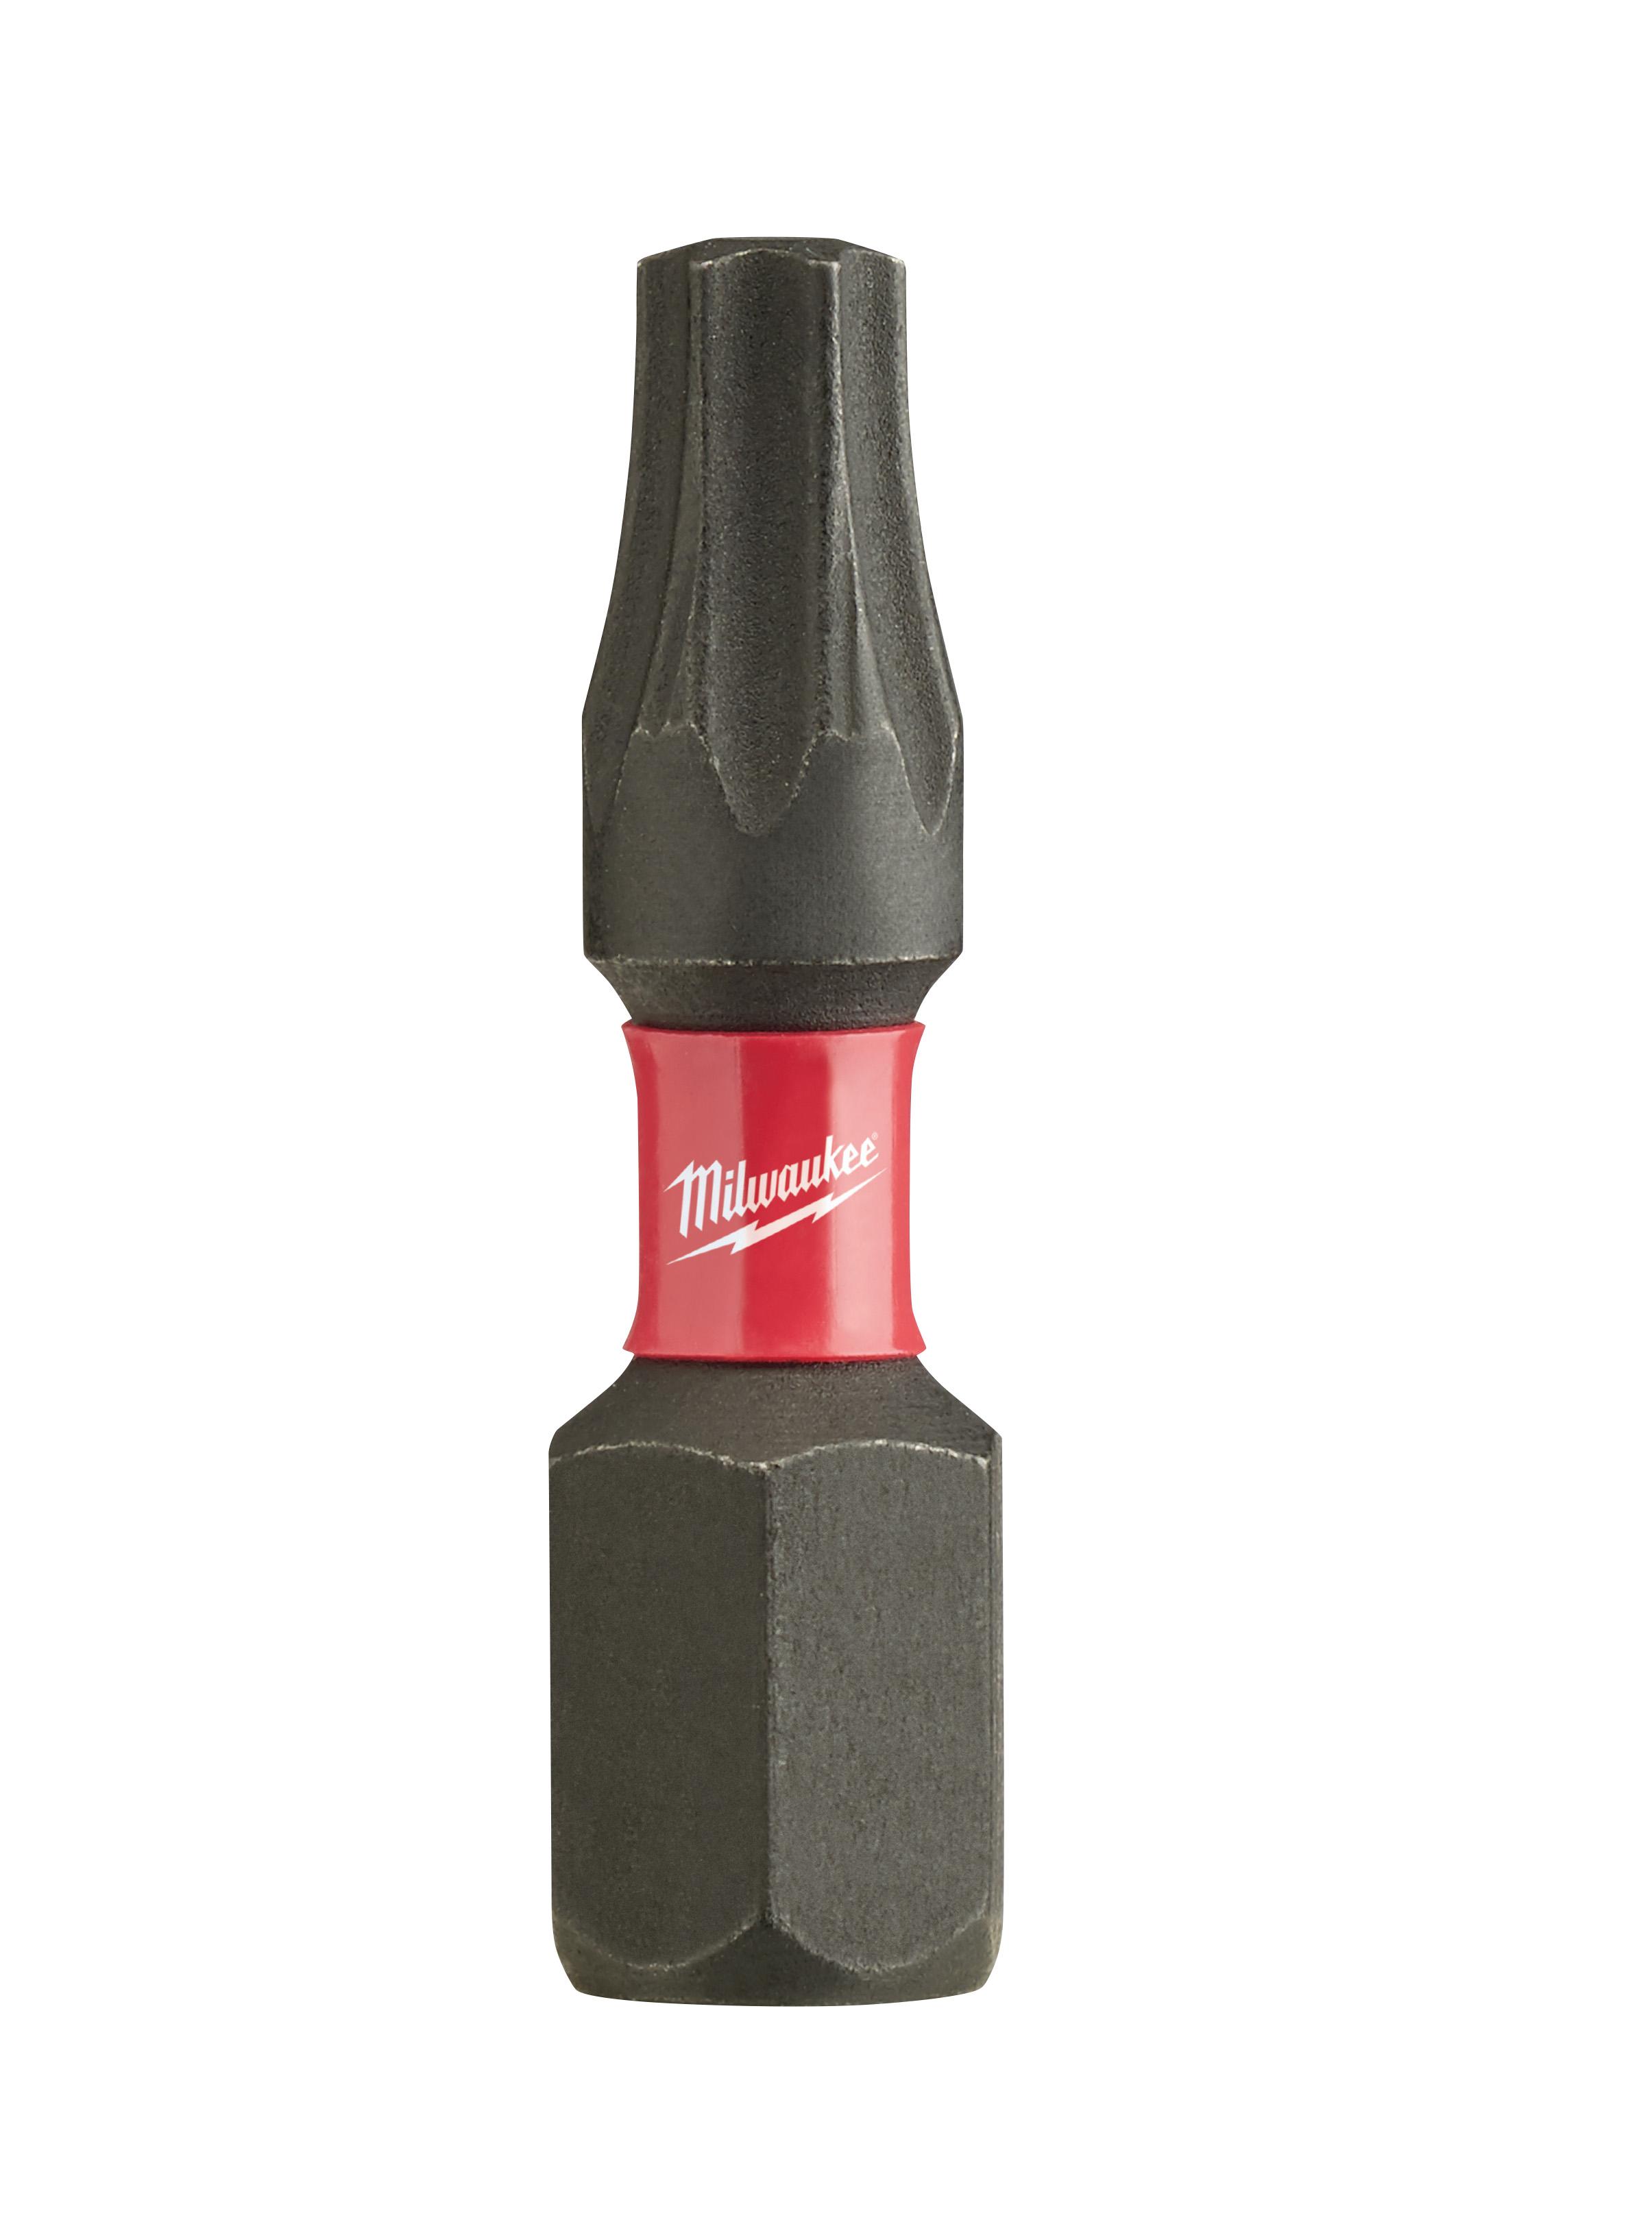 Milwaukee® SHOCKWAVE™ 48-32-4135 Impact Insert Bit, T20 Torx® Point, 1 in OAL, 1/4 in, Custom Alloy76™ Steel